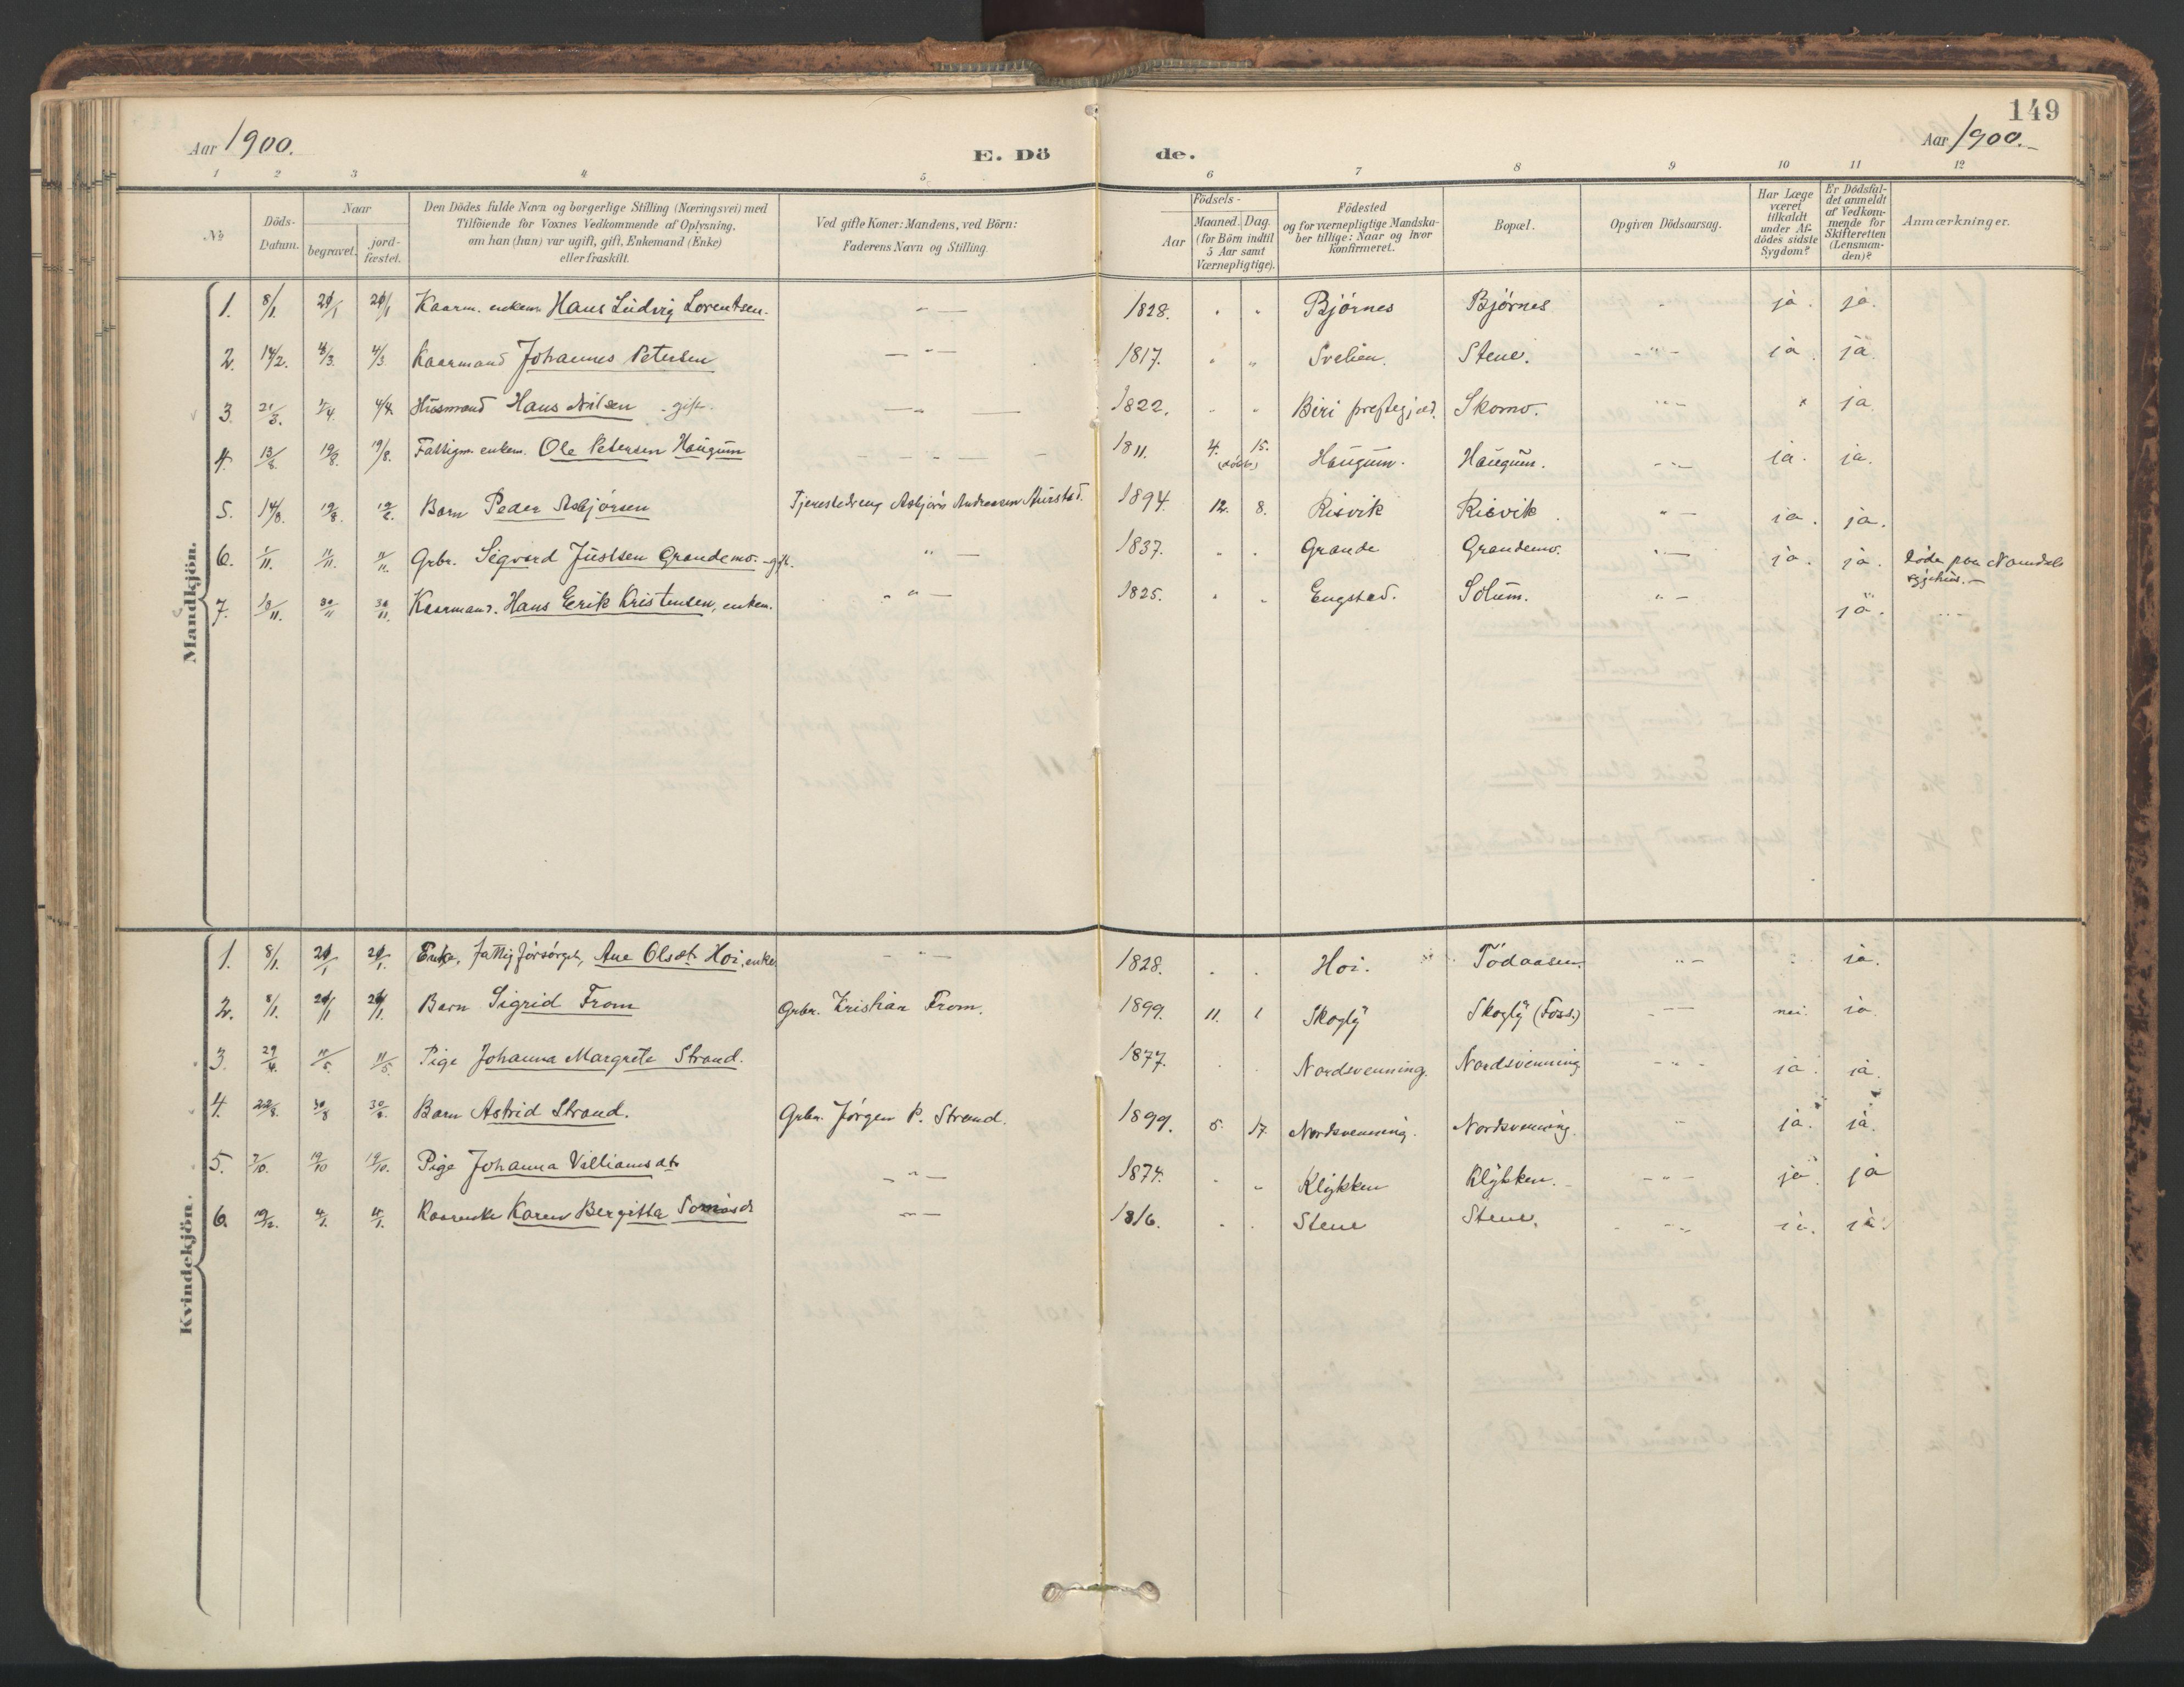 SAT, Ministerialprotokoller, klokkerbøker og fødselsregistre - Nord-Trøndelag, 764/L0556: Ministerialbok nr. 764A11, 1897-1924, s. 149